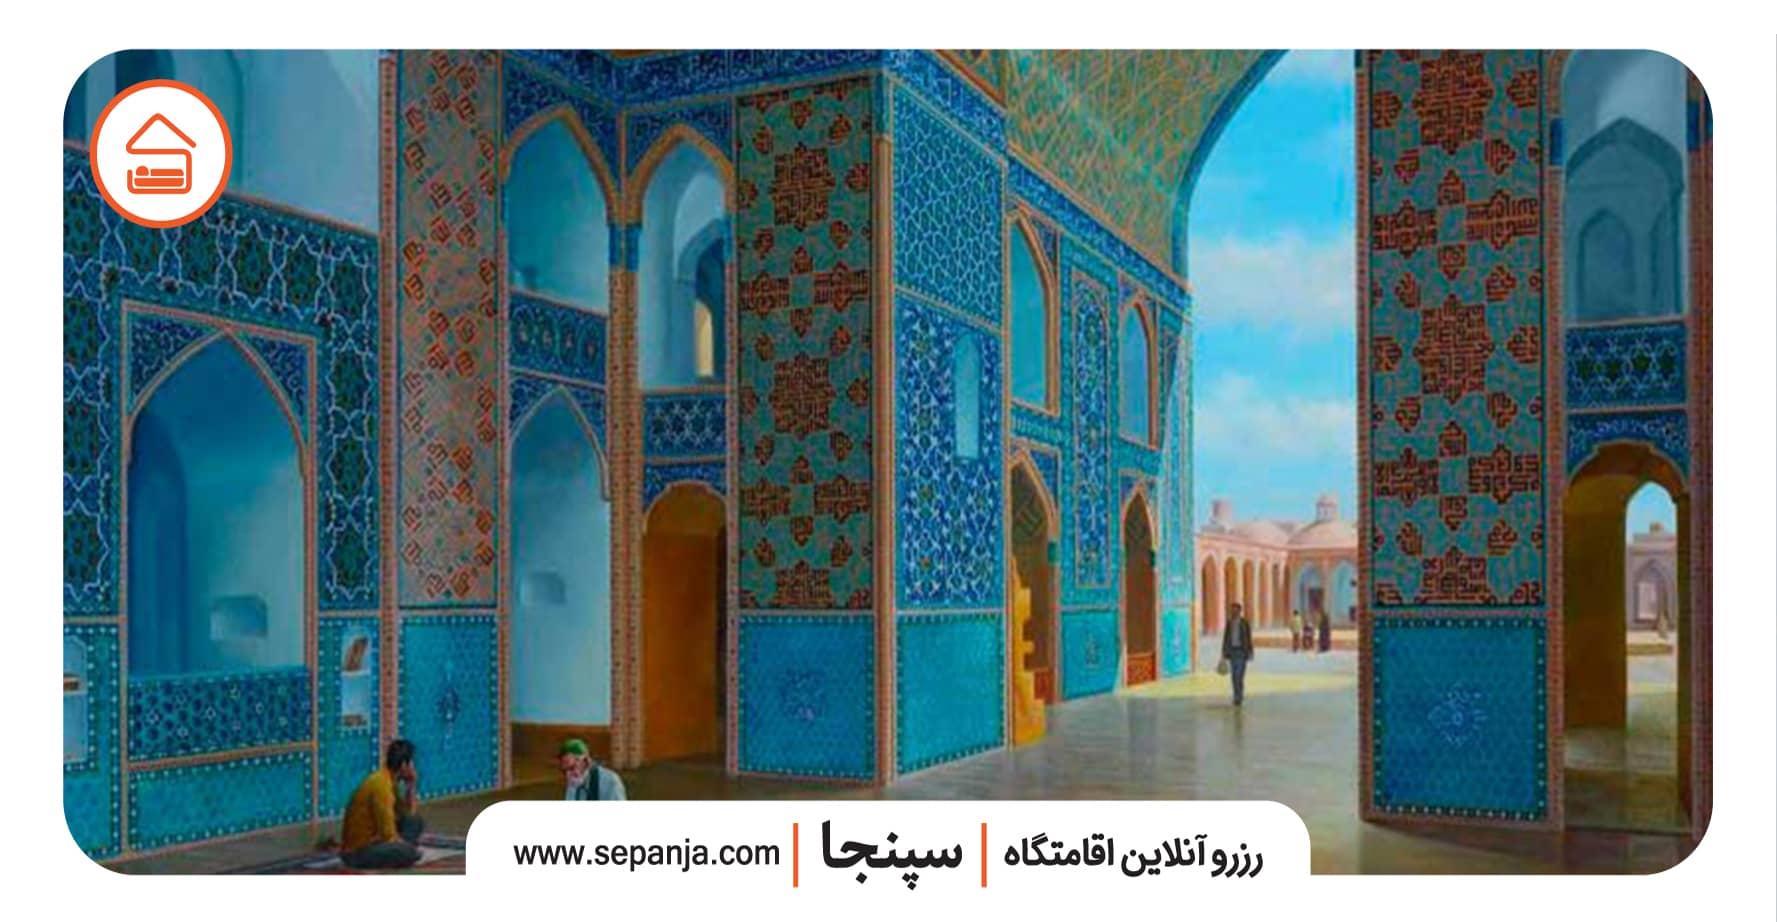 نمایی از داخل مسجد جامع یزد